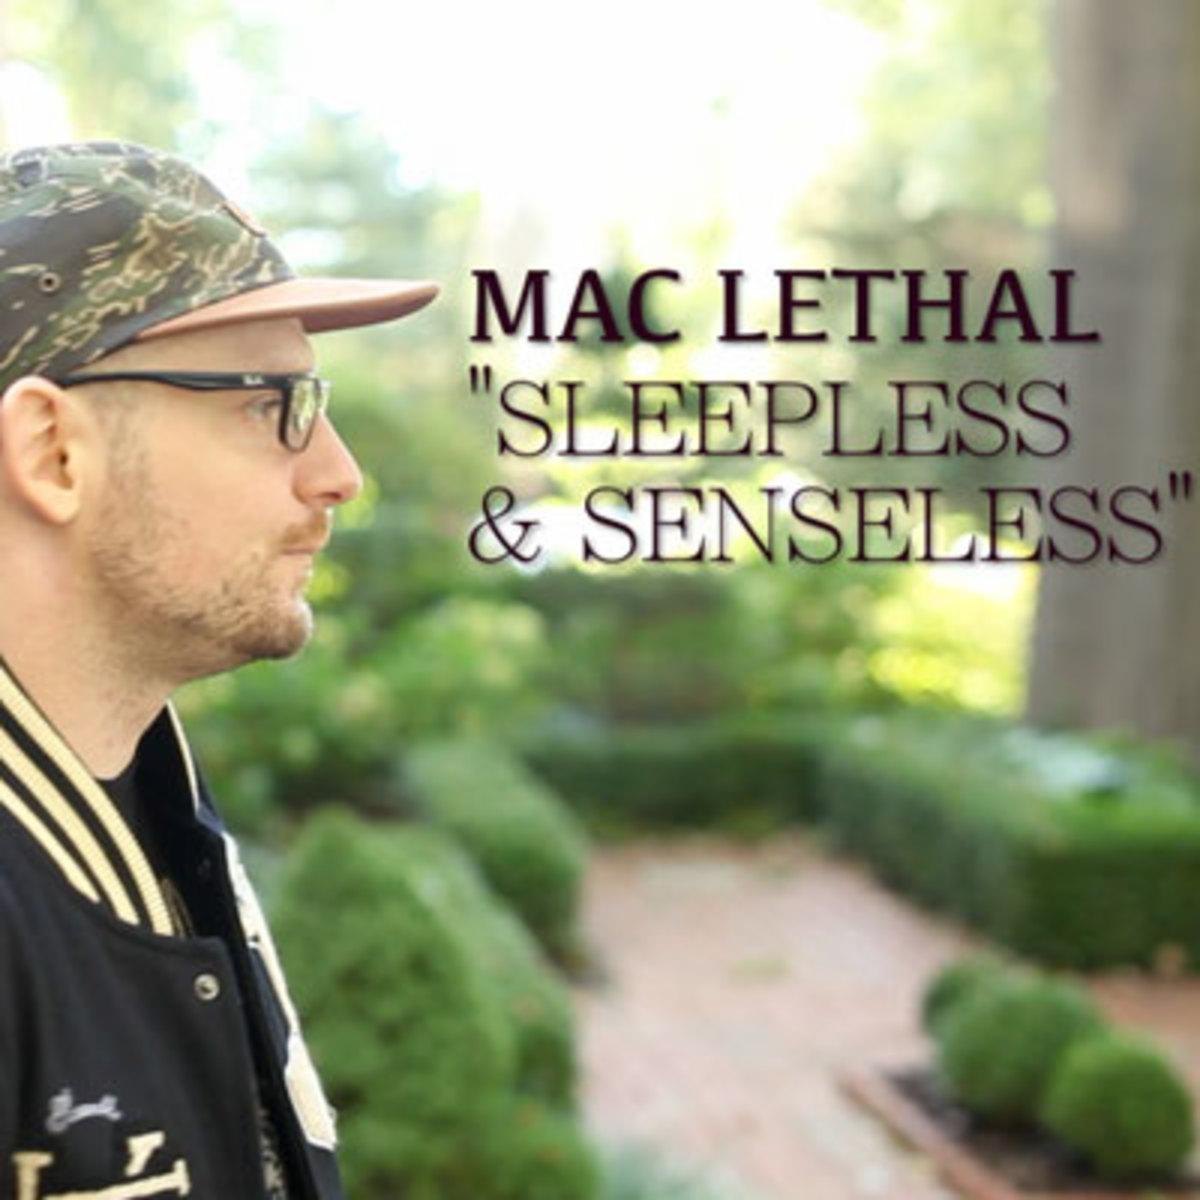 maclethal-sleepless.jpg